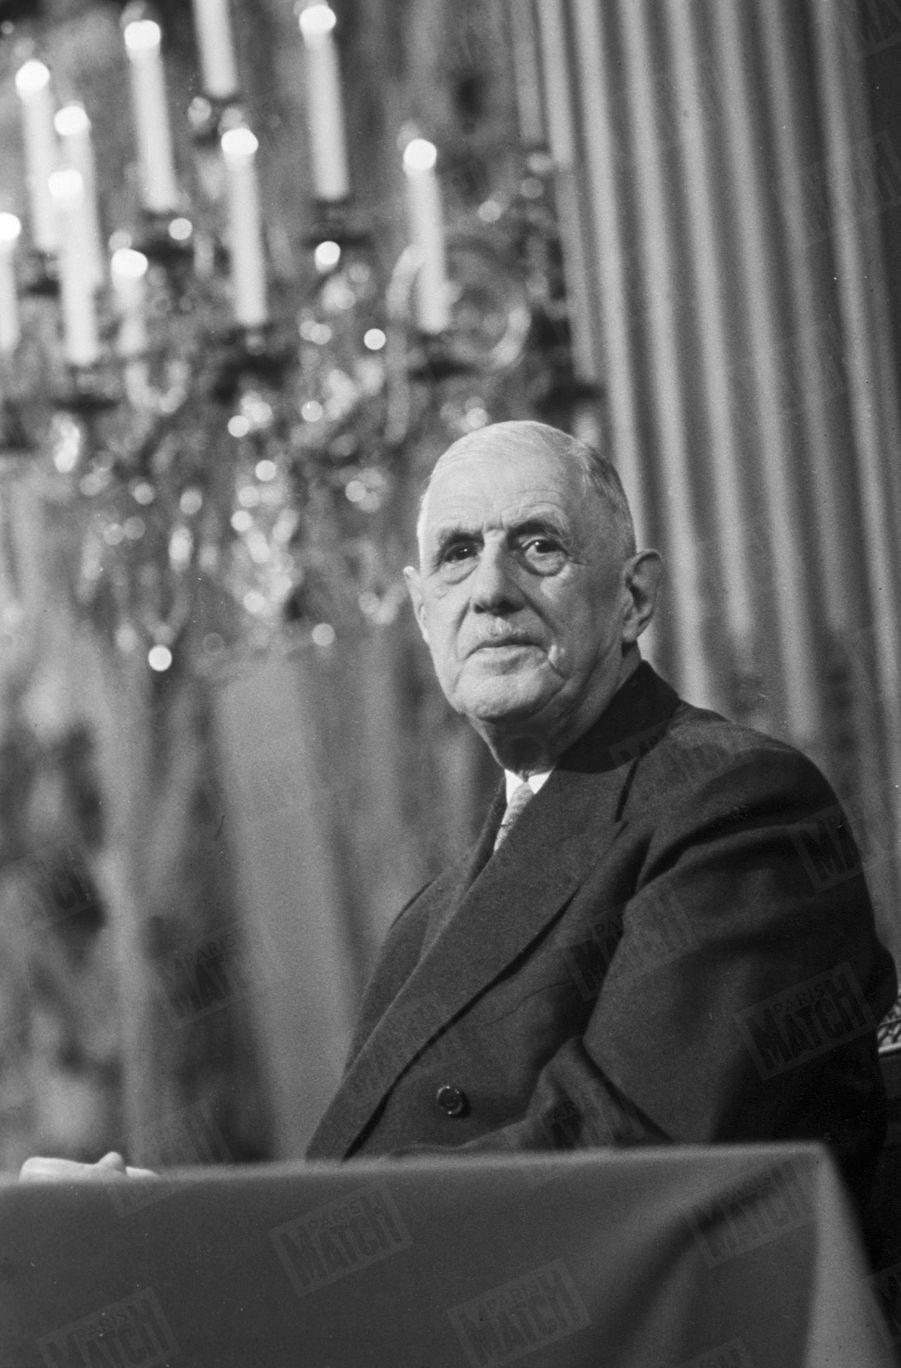 Le président Charles de Gaulle au Palais de l'Elysée. 1967.